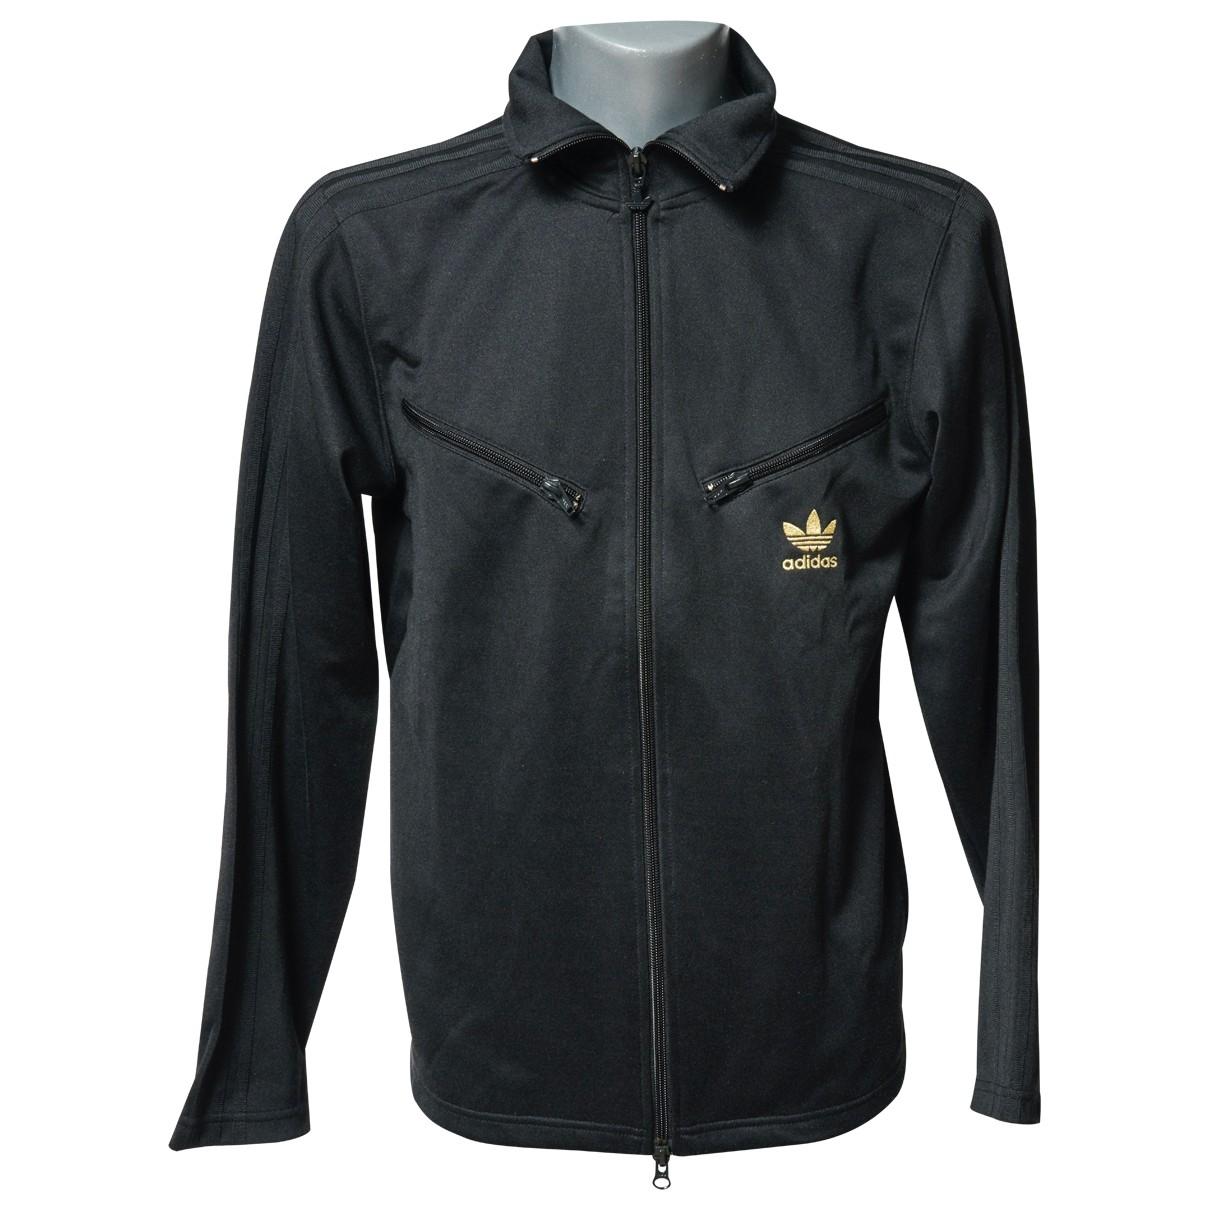 Adidas - Vestes.Blousons   pour homme en laine - noir